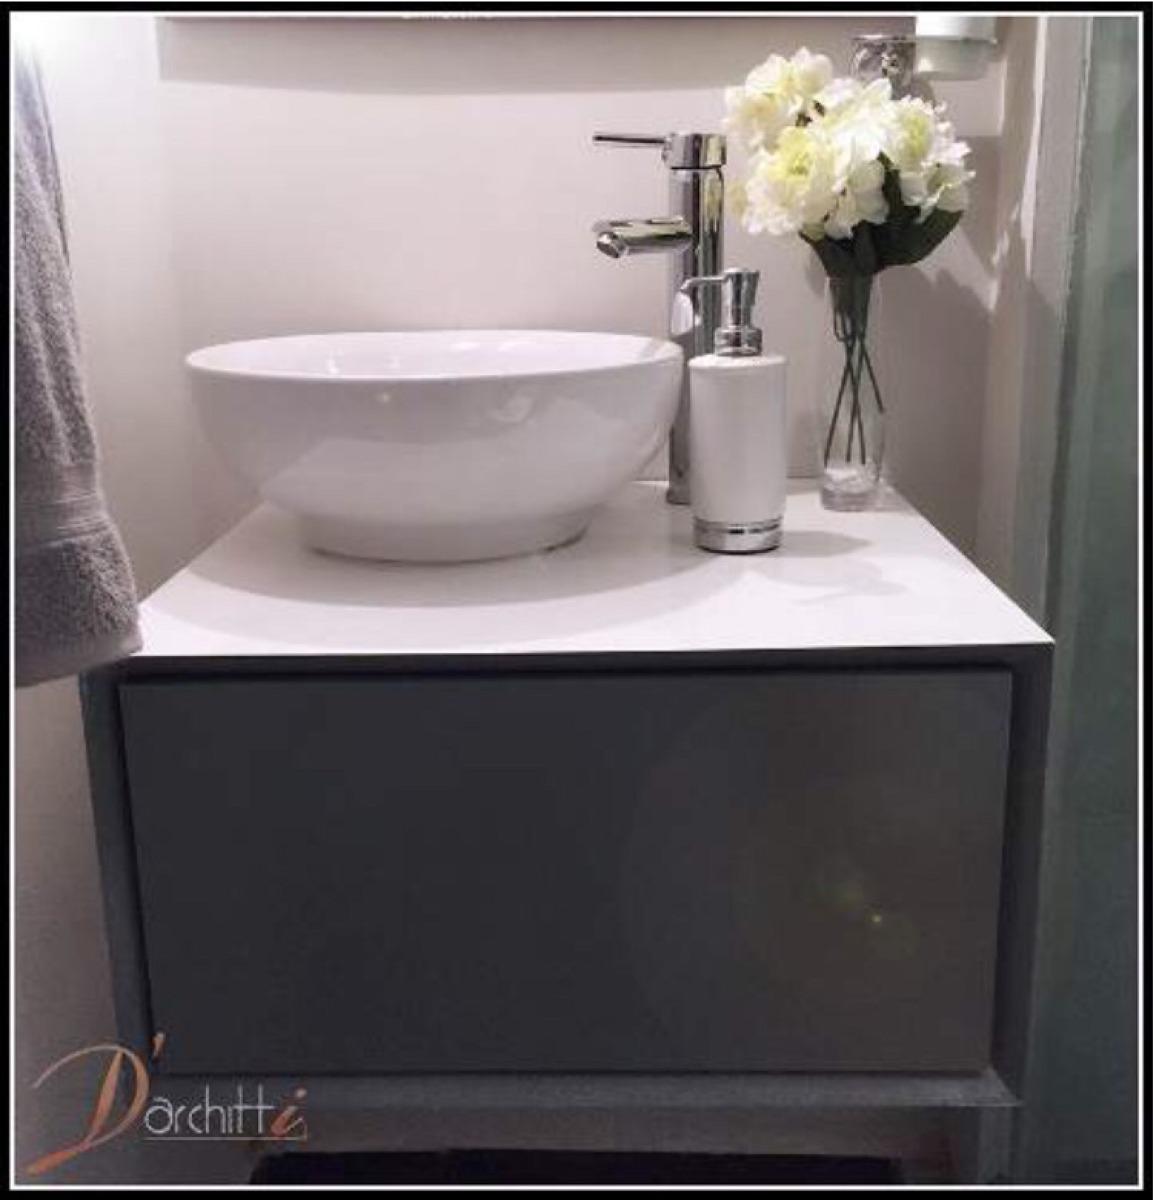 Mueble de ba o empotrar minimalista moderno ovalin - Fotos de muebles de bano modernos ...